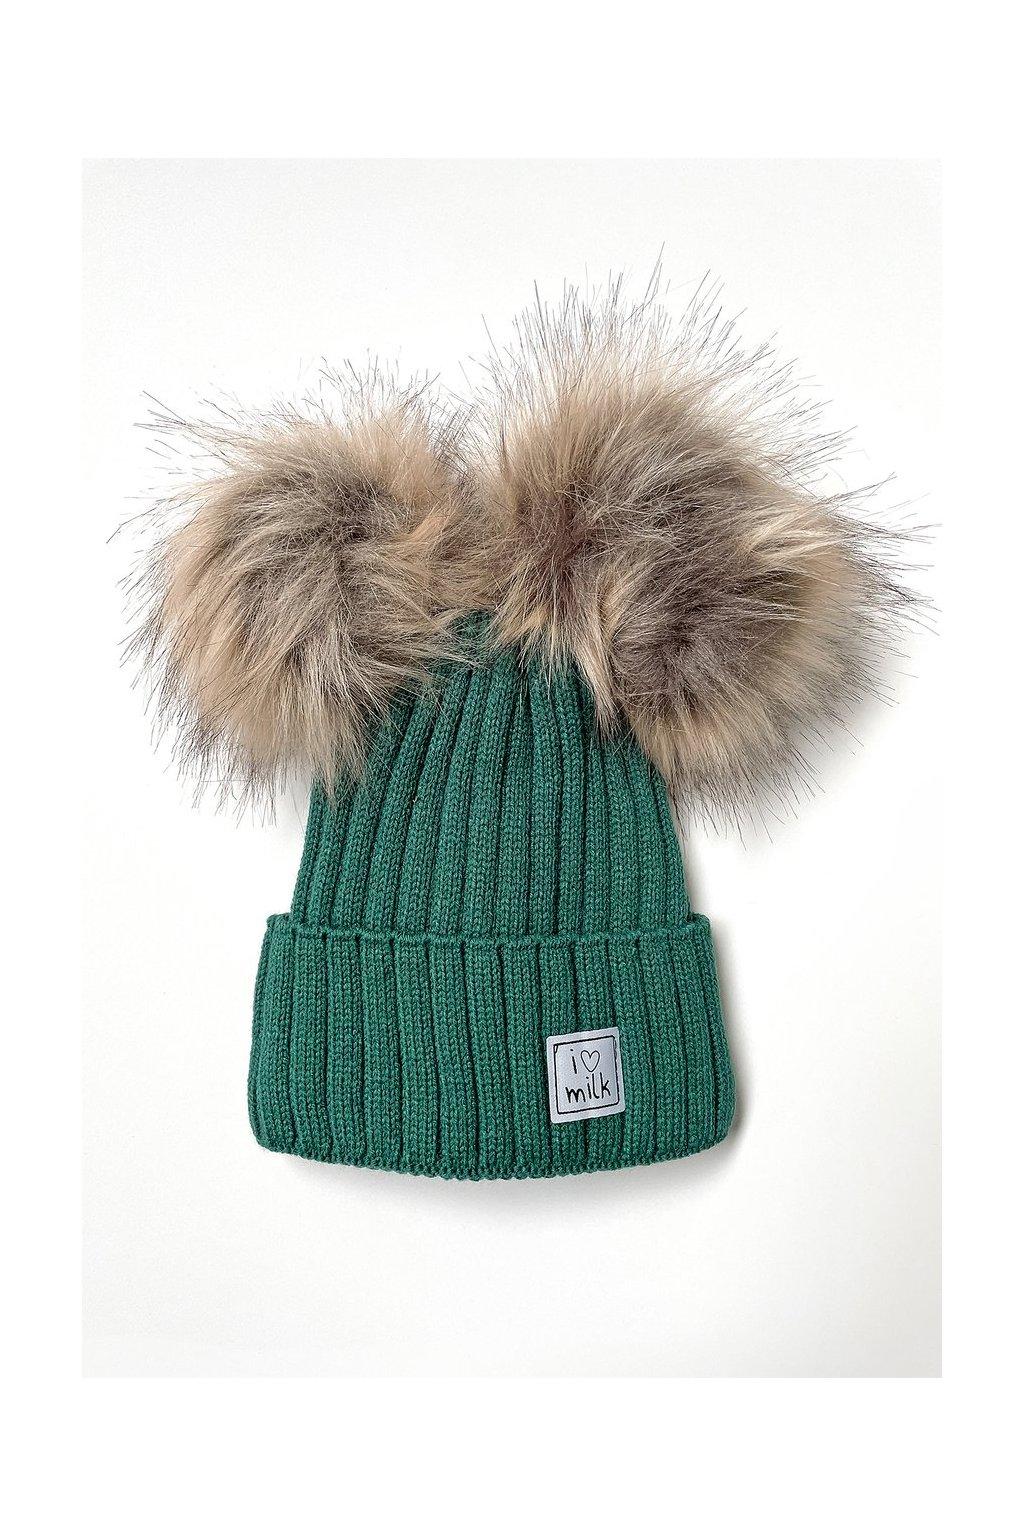 zimowa czapka dziecieca z pomponami zielona